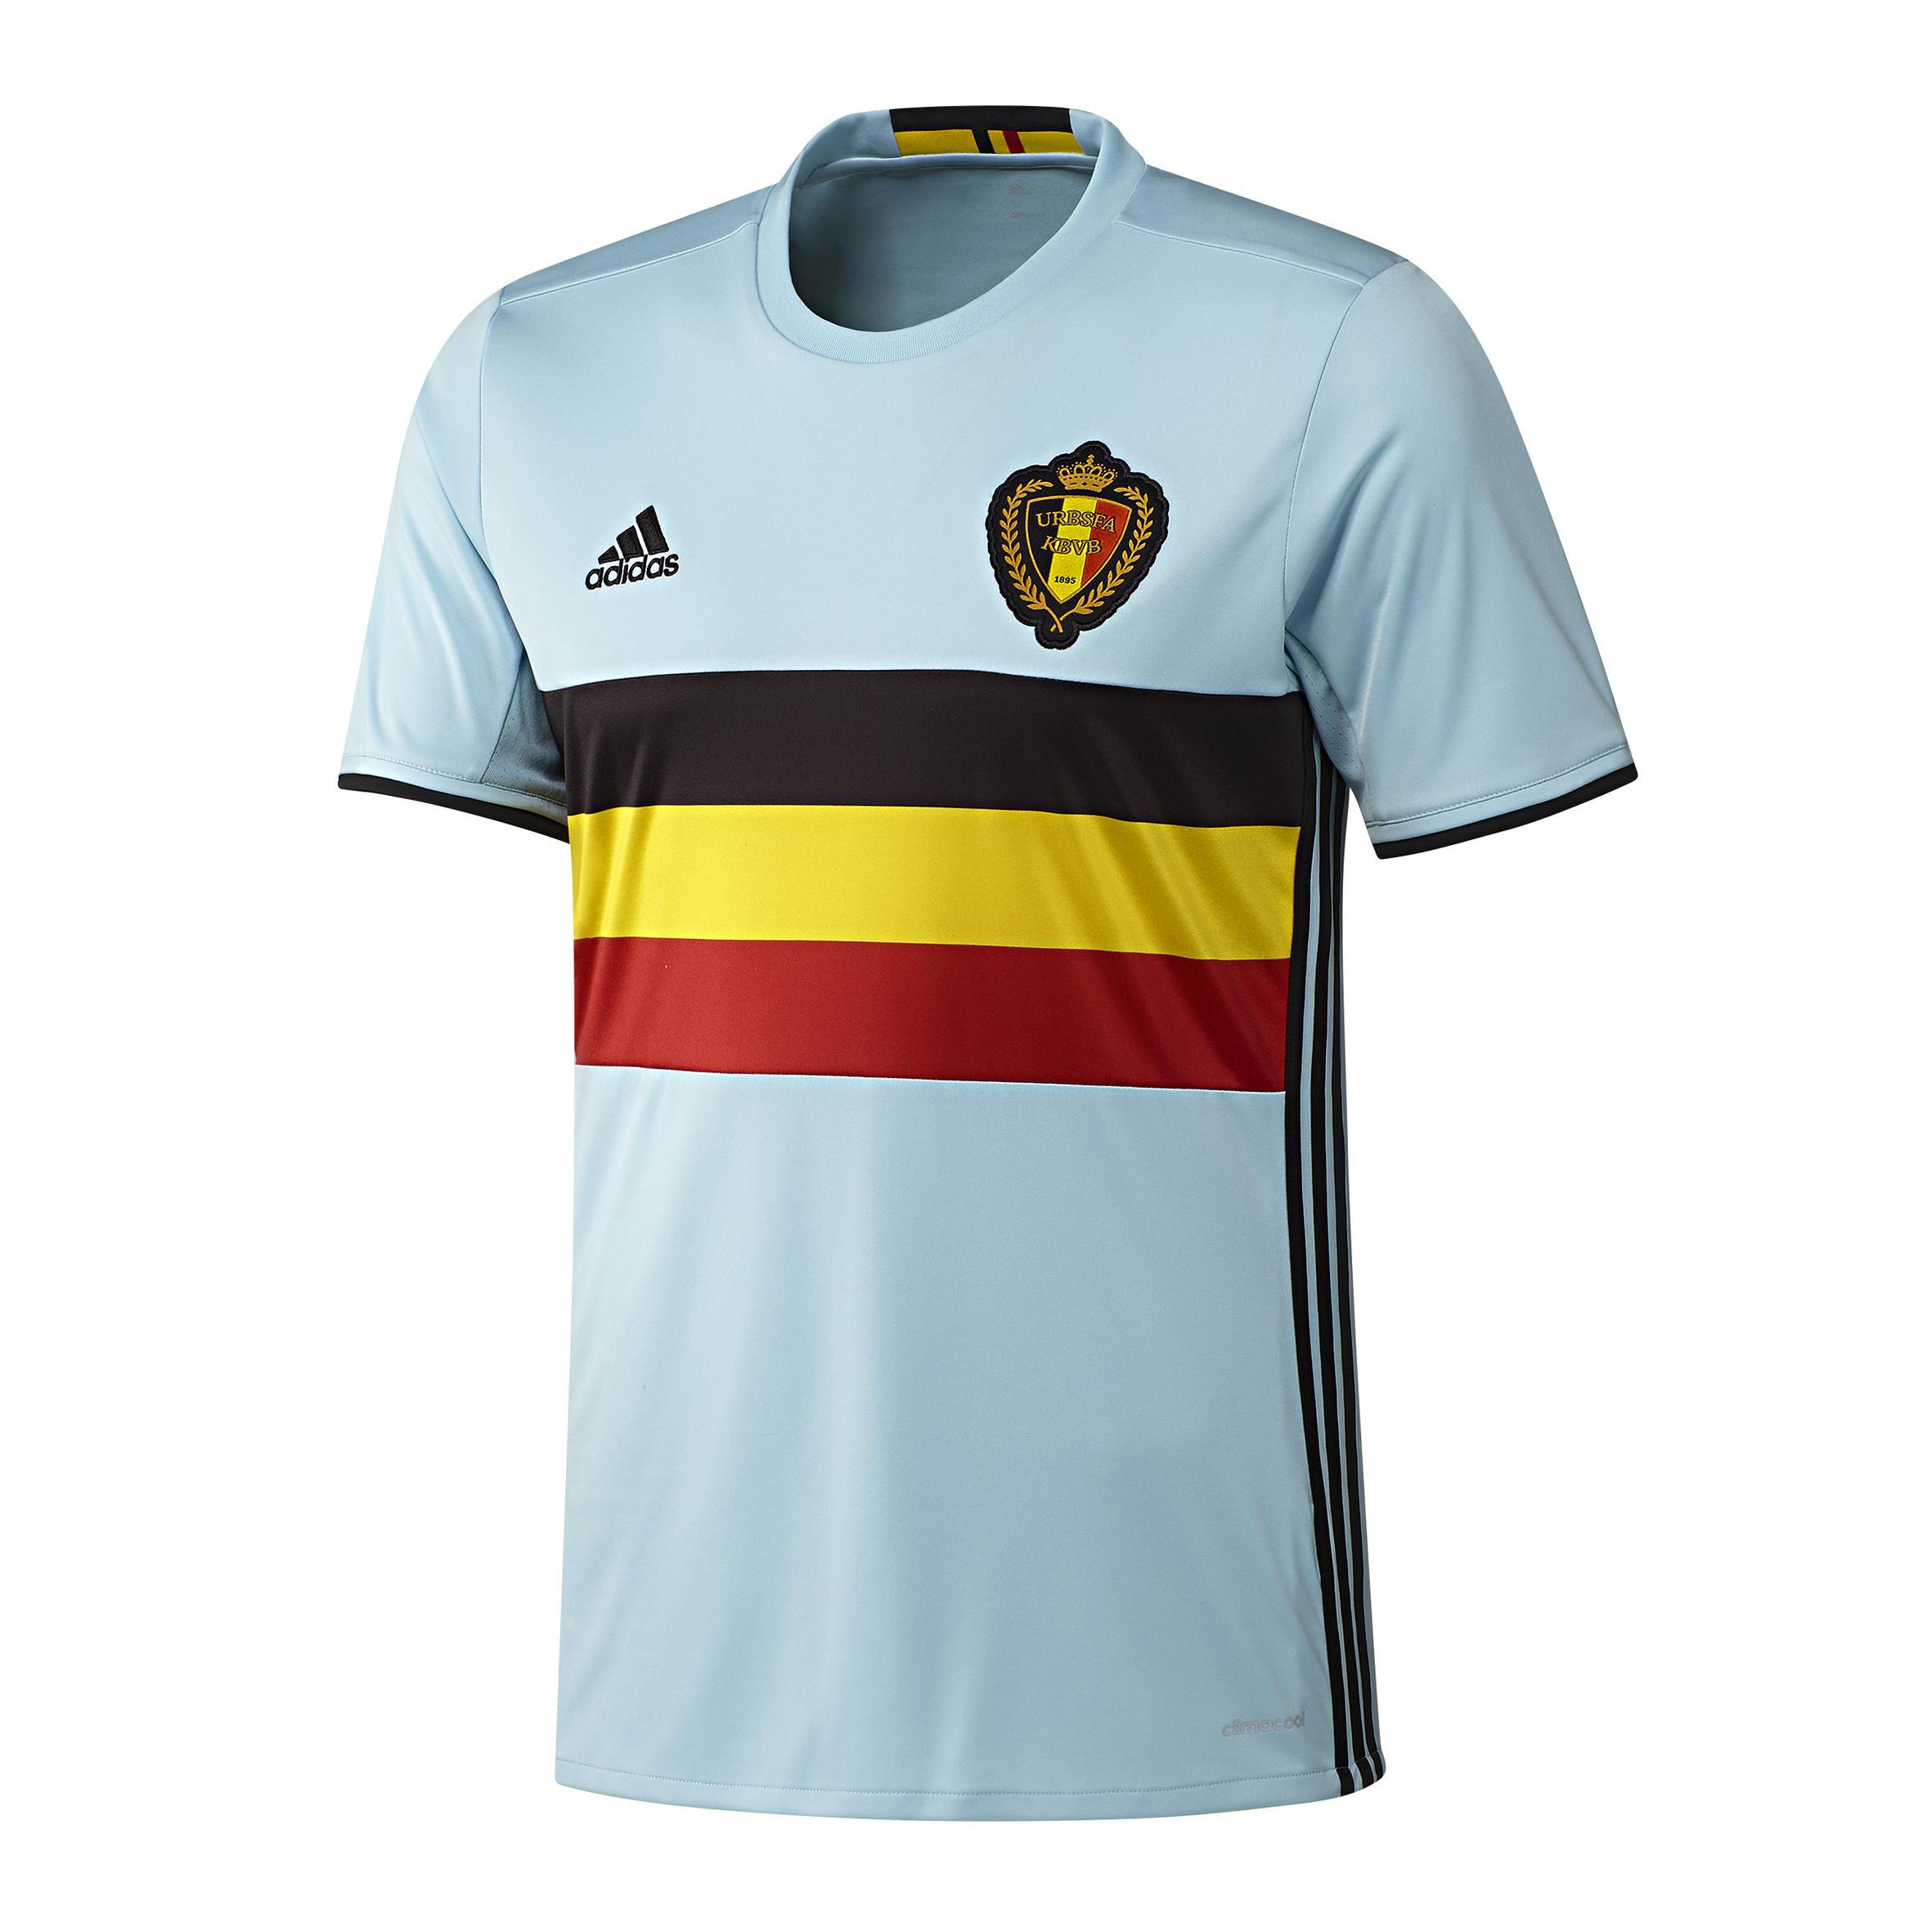 Voetbalshirt replica uitshirt België 2016 voor volwassenen